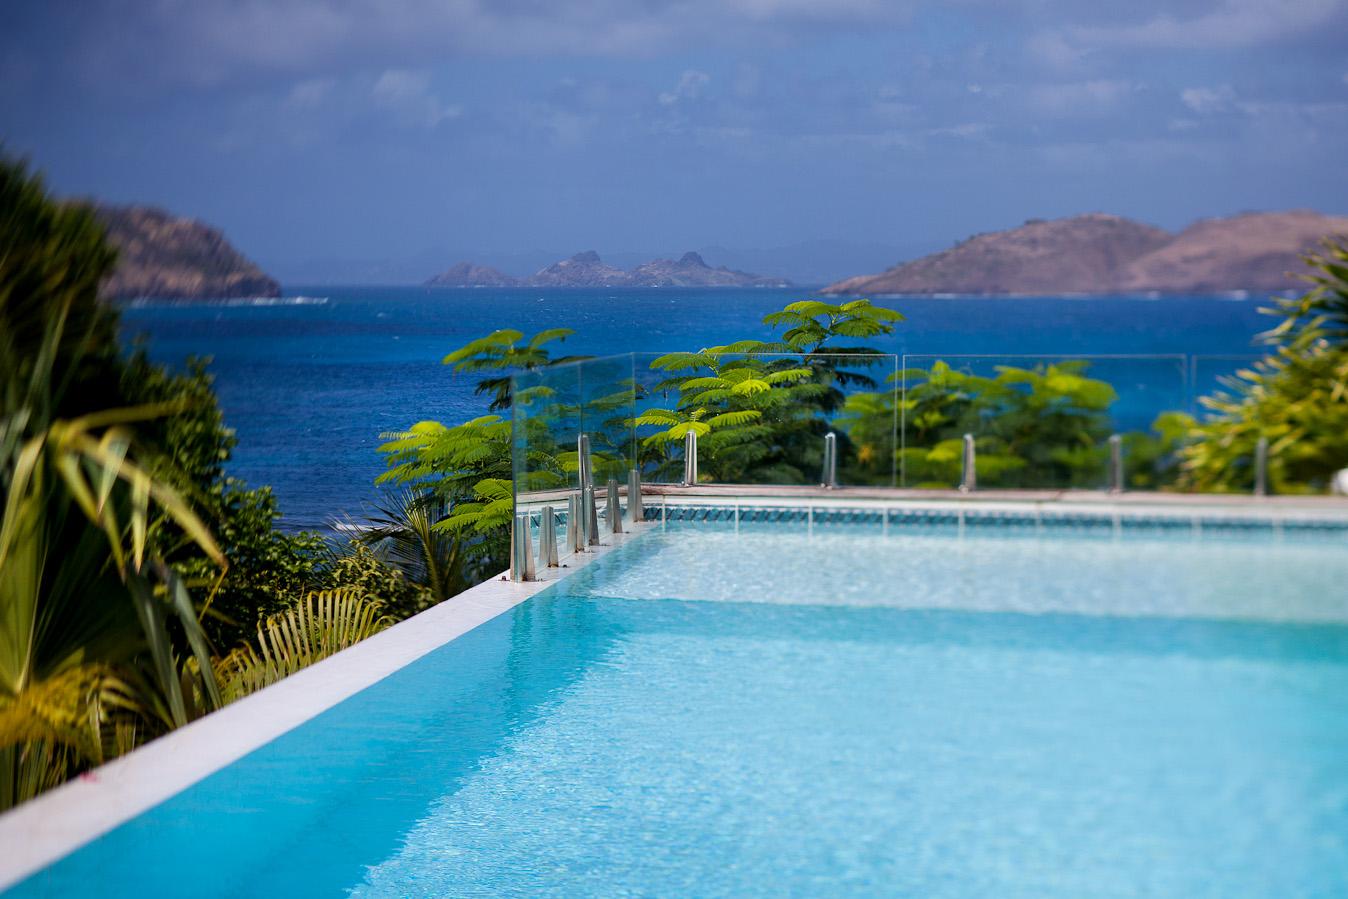 Villa Luz - Privacy Villa for Rent St Barth with Maid Service - Pool